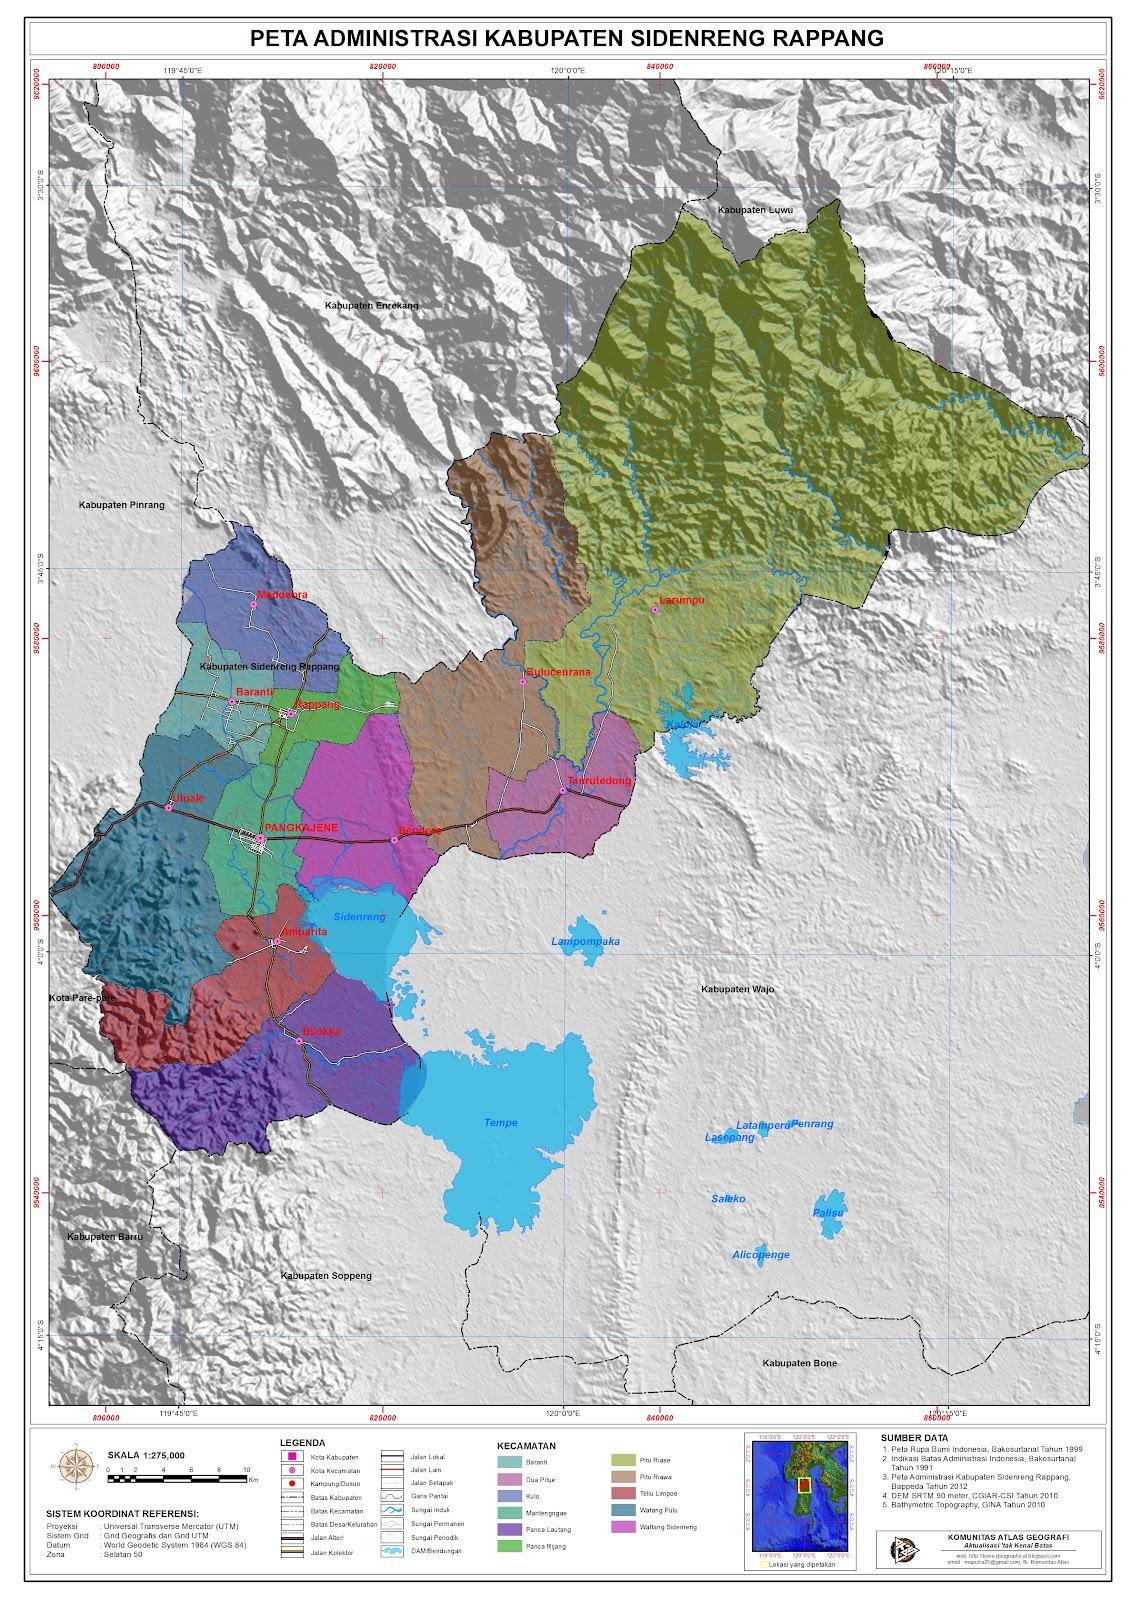 2017 - Sulawesi Diari